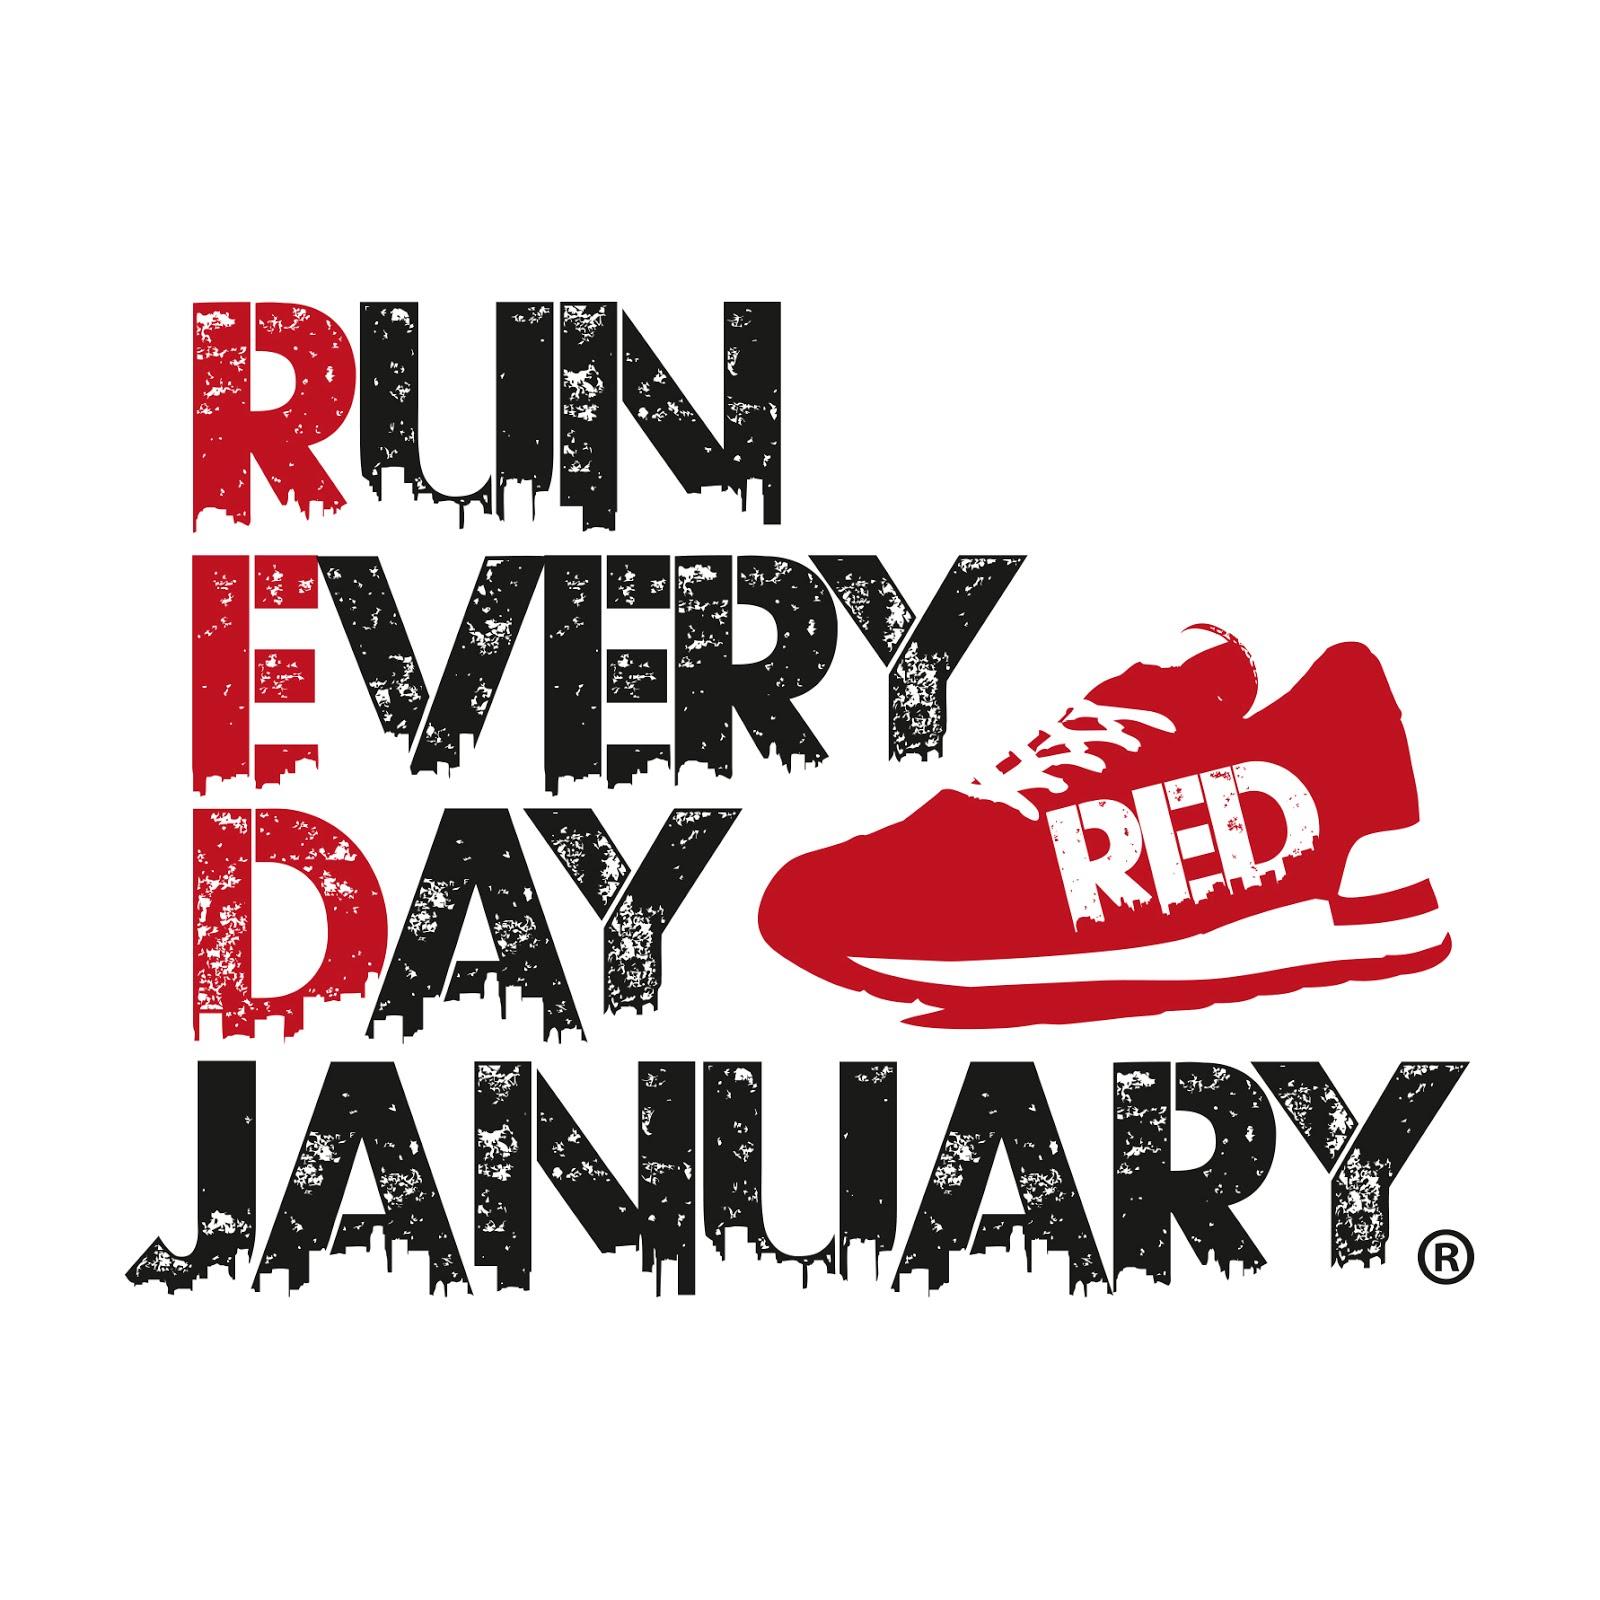 R.E.D January